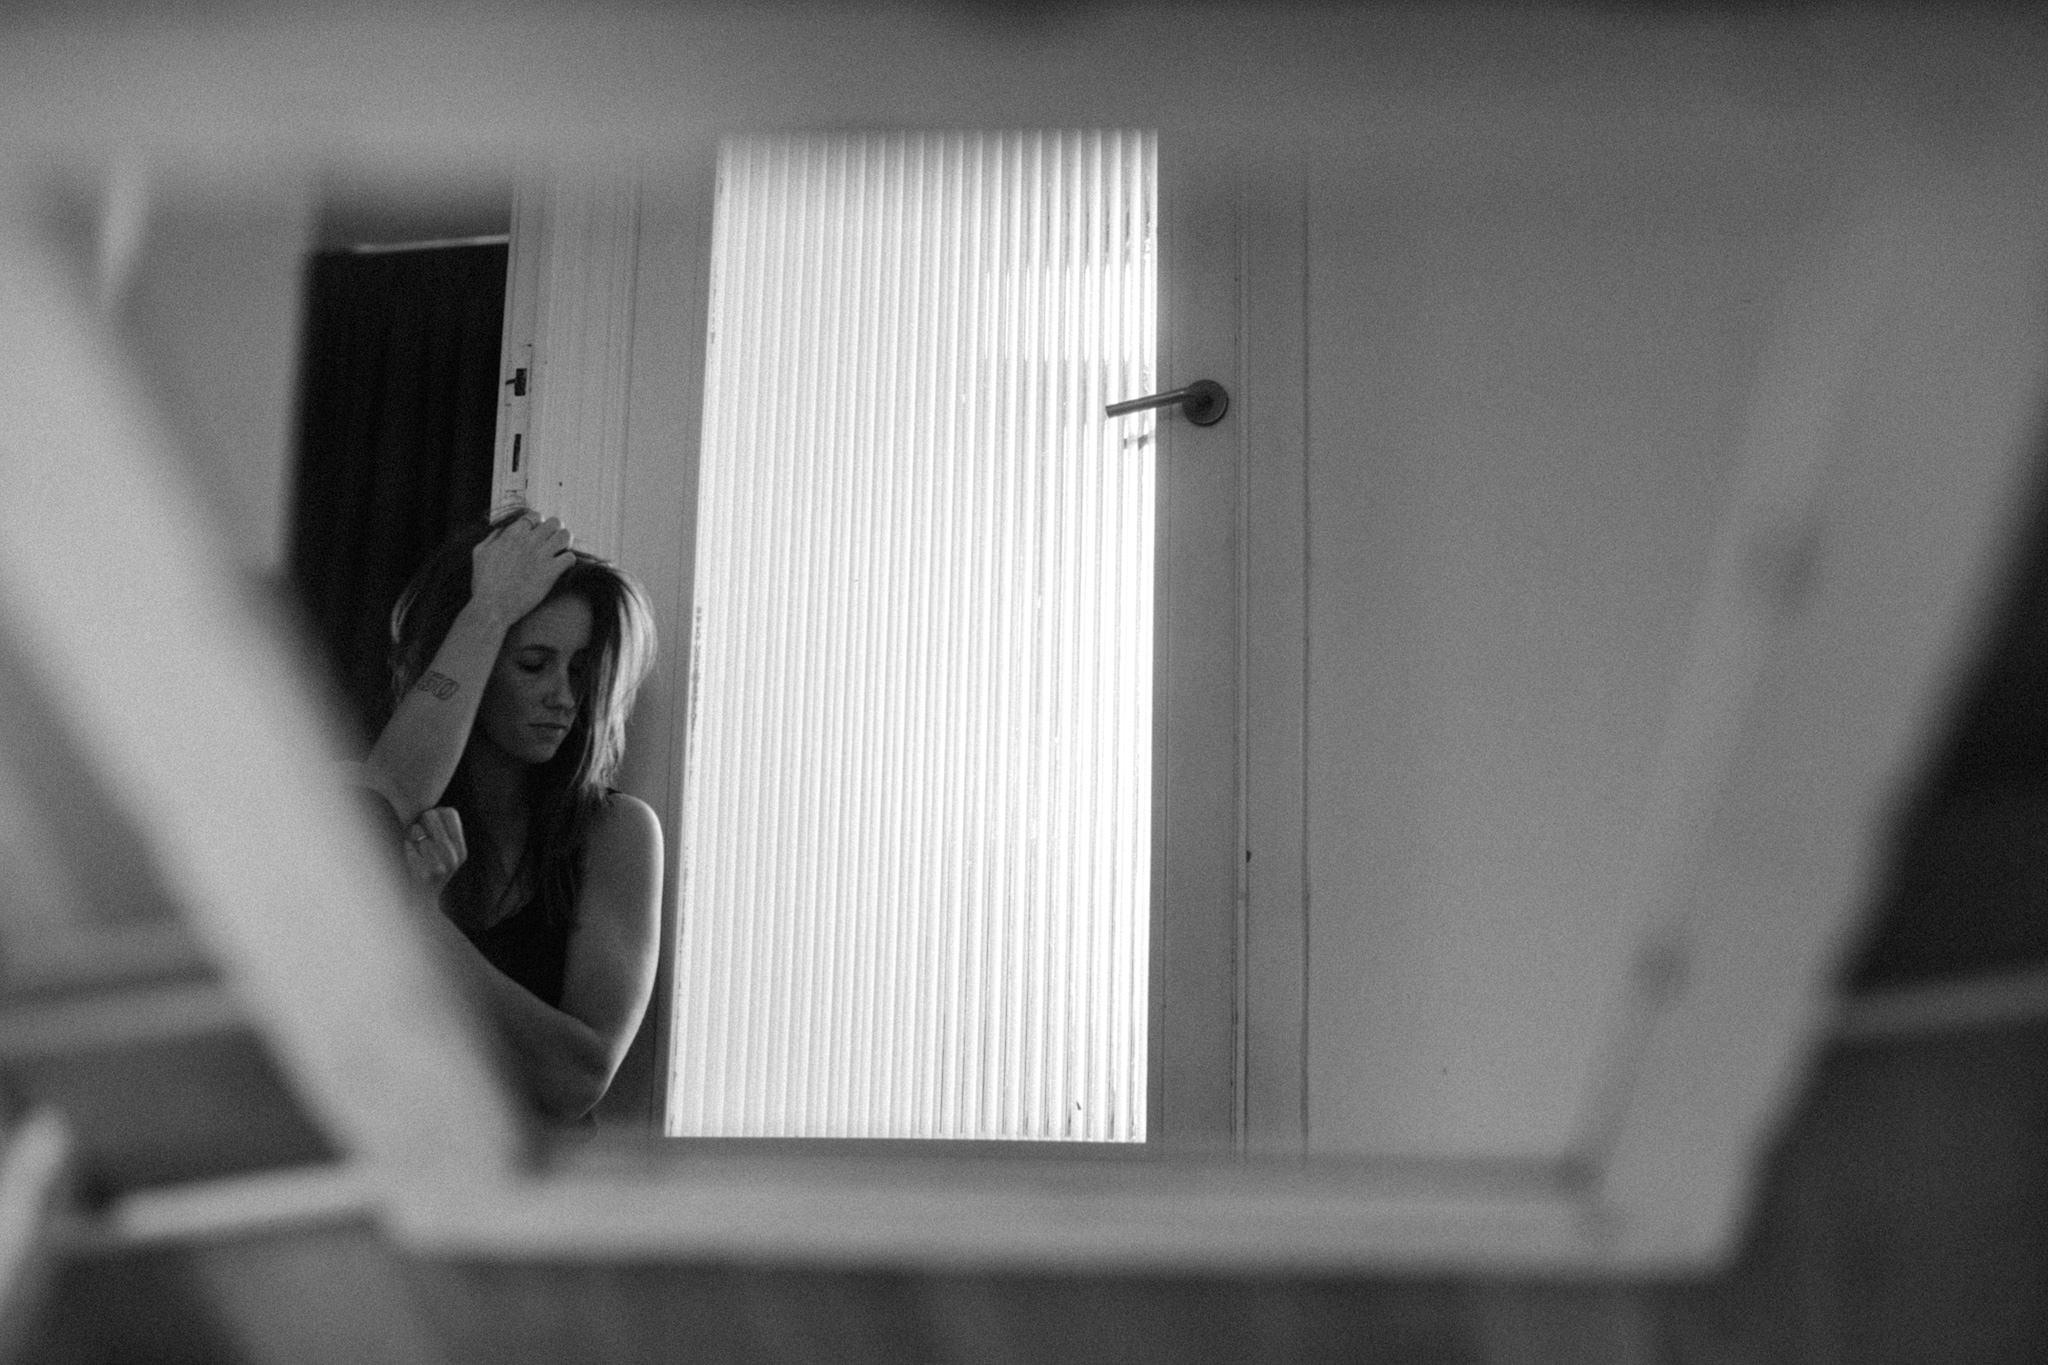 Girl sitting next to door photographed in mirror